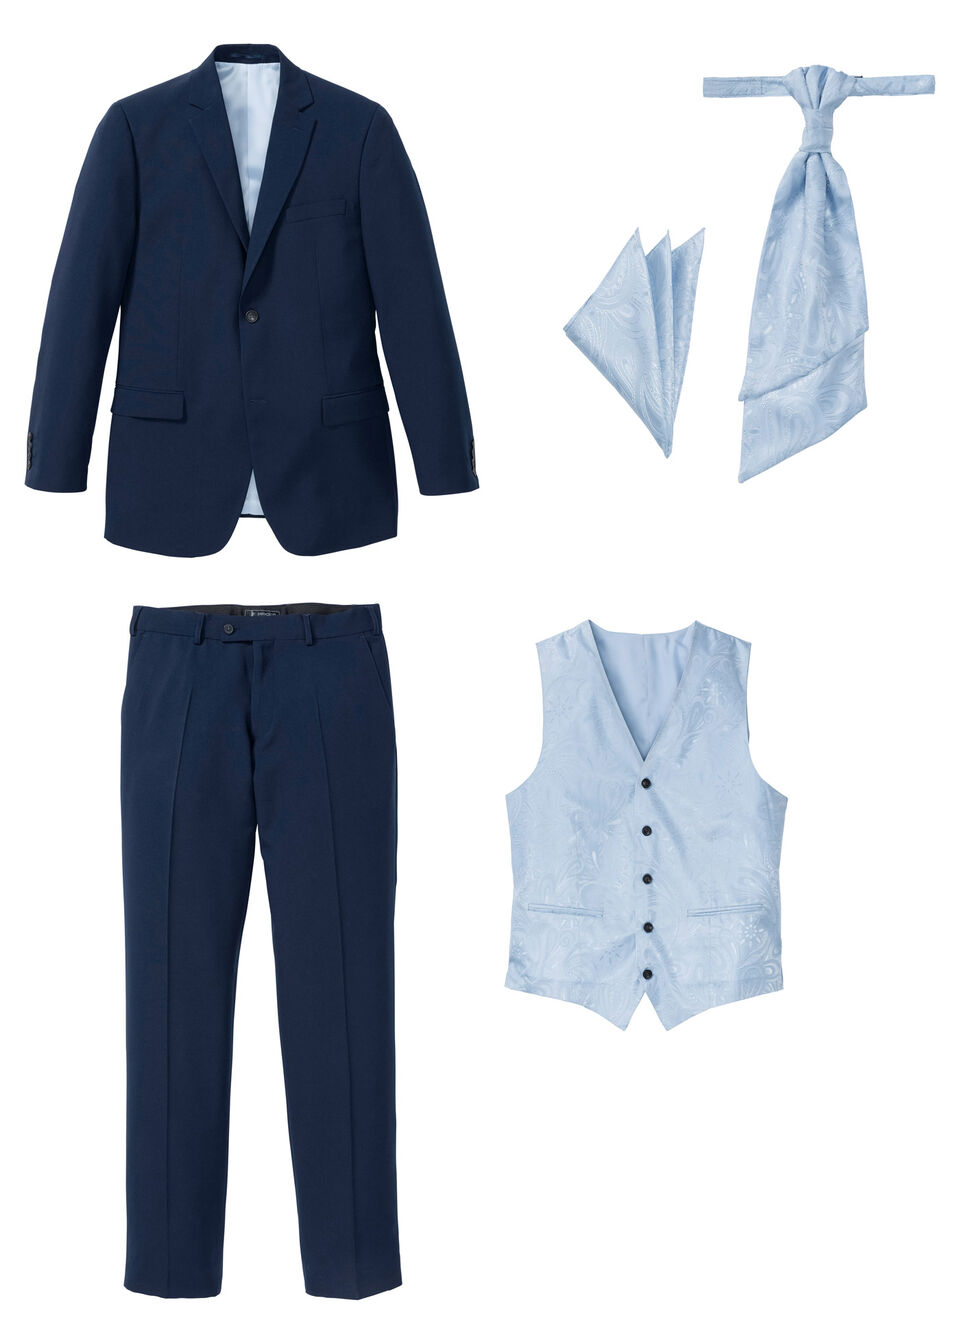 Öltöny (5 részes szett): zakó, nadrág, mellény, dísz zsebkendő, nyakkendő